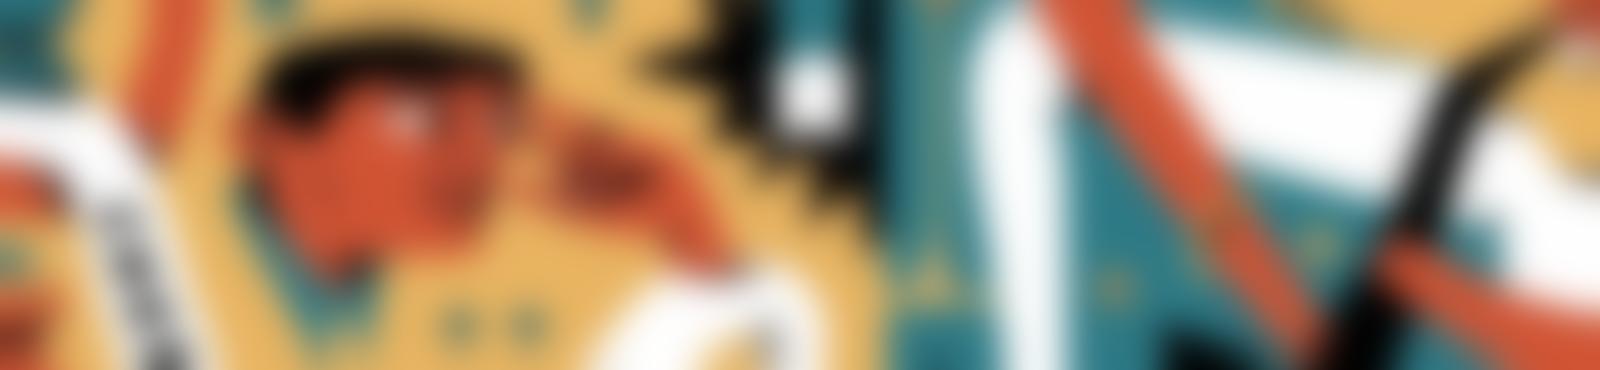 Blurred e889752b 55f2 49c0 aa10 d1e9ff6d2f59